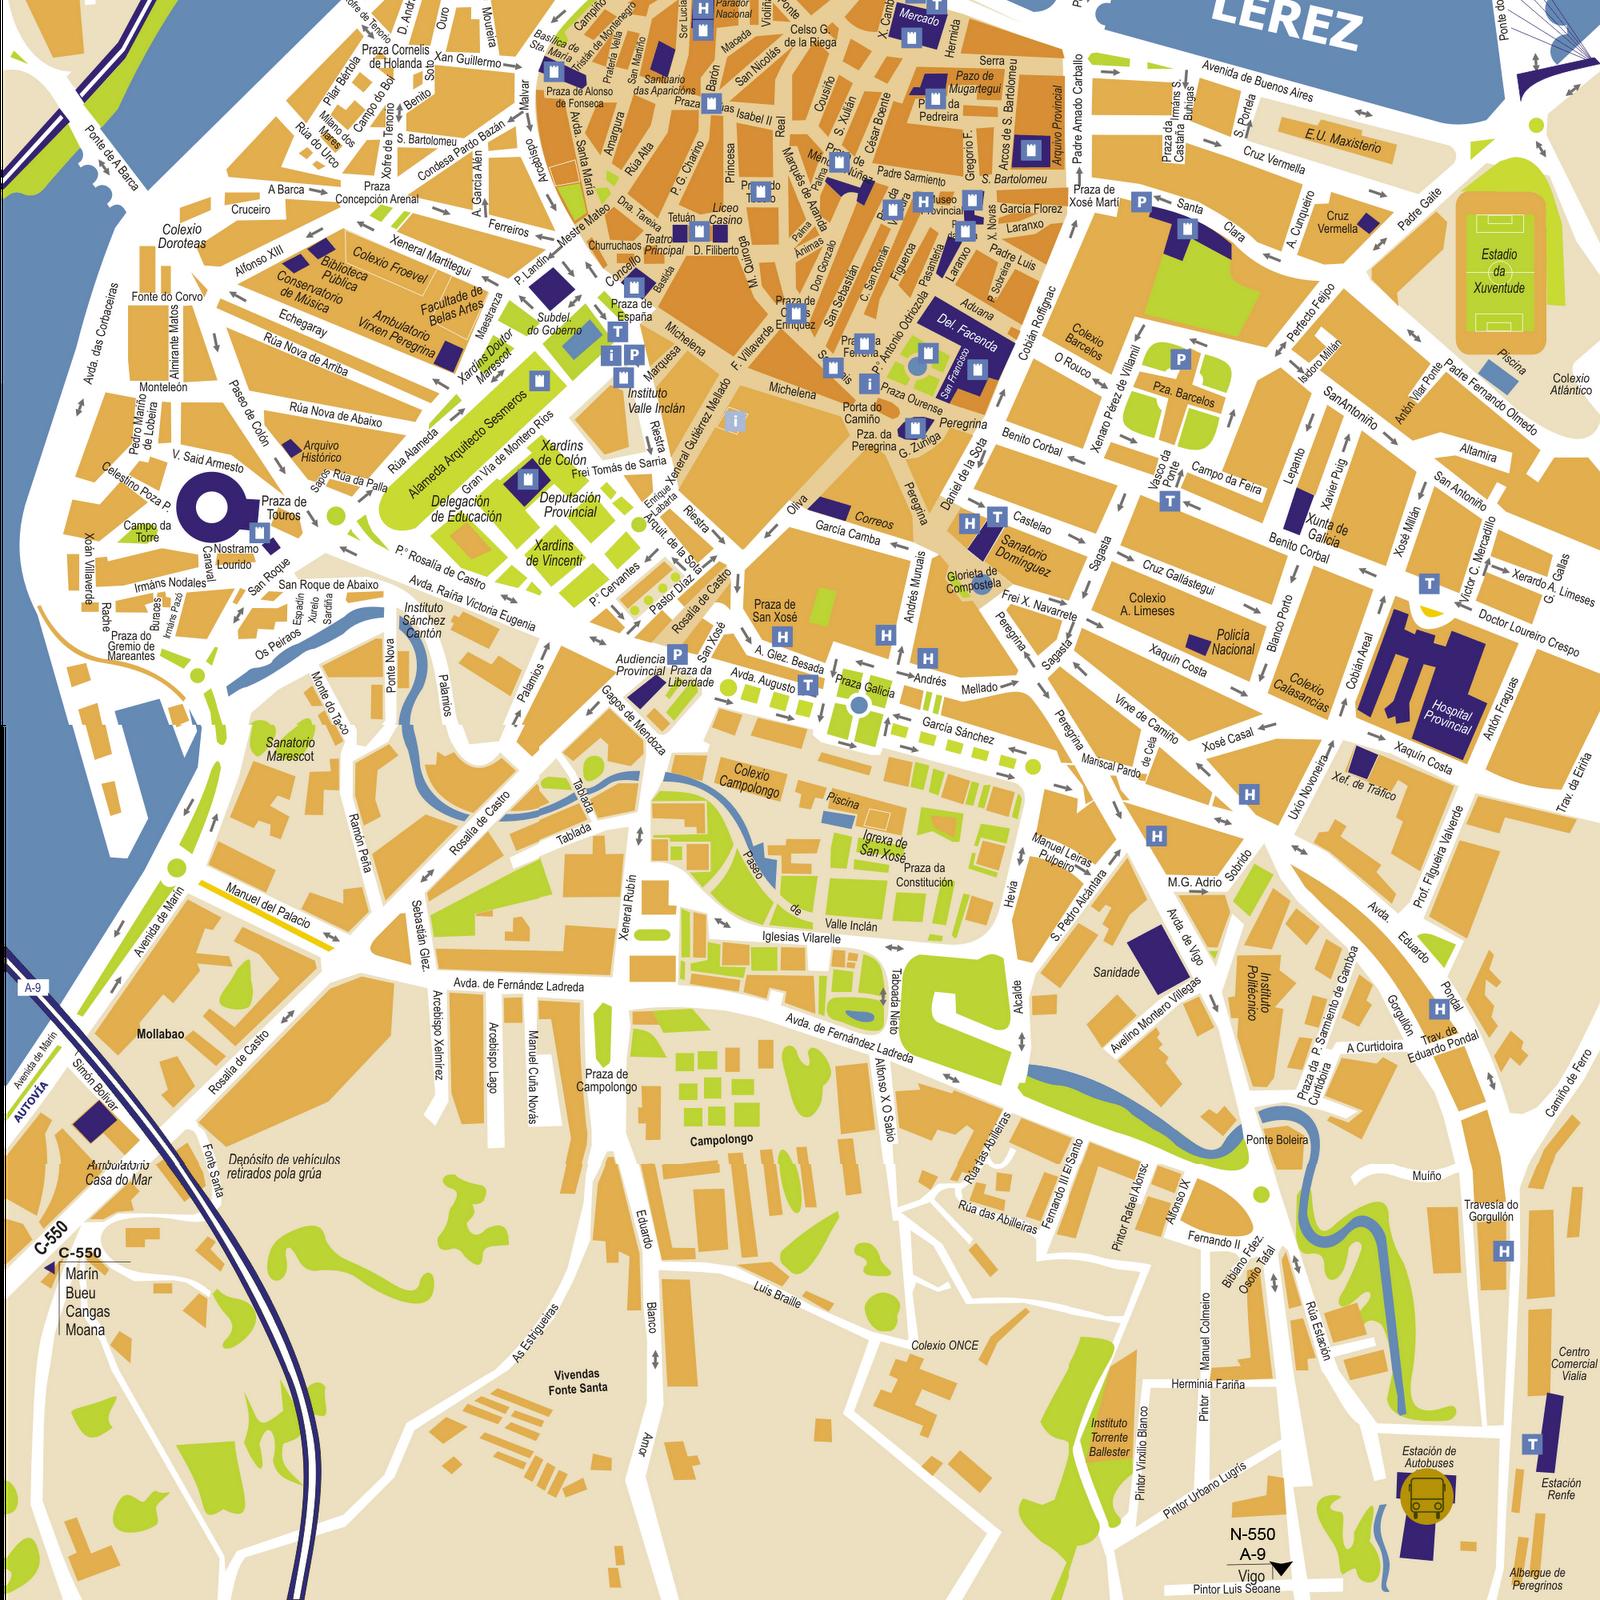 Imagen de Pontevedra mapa 36002 3